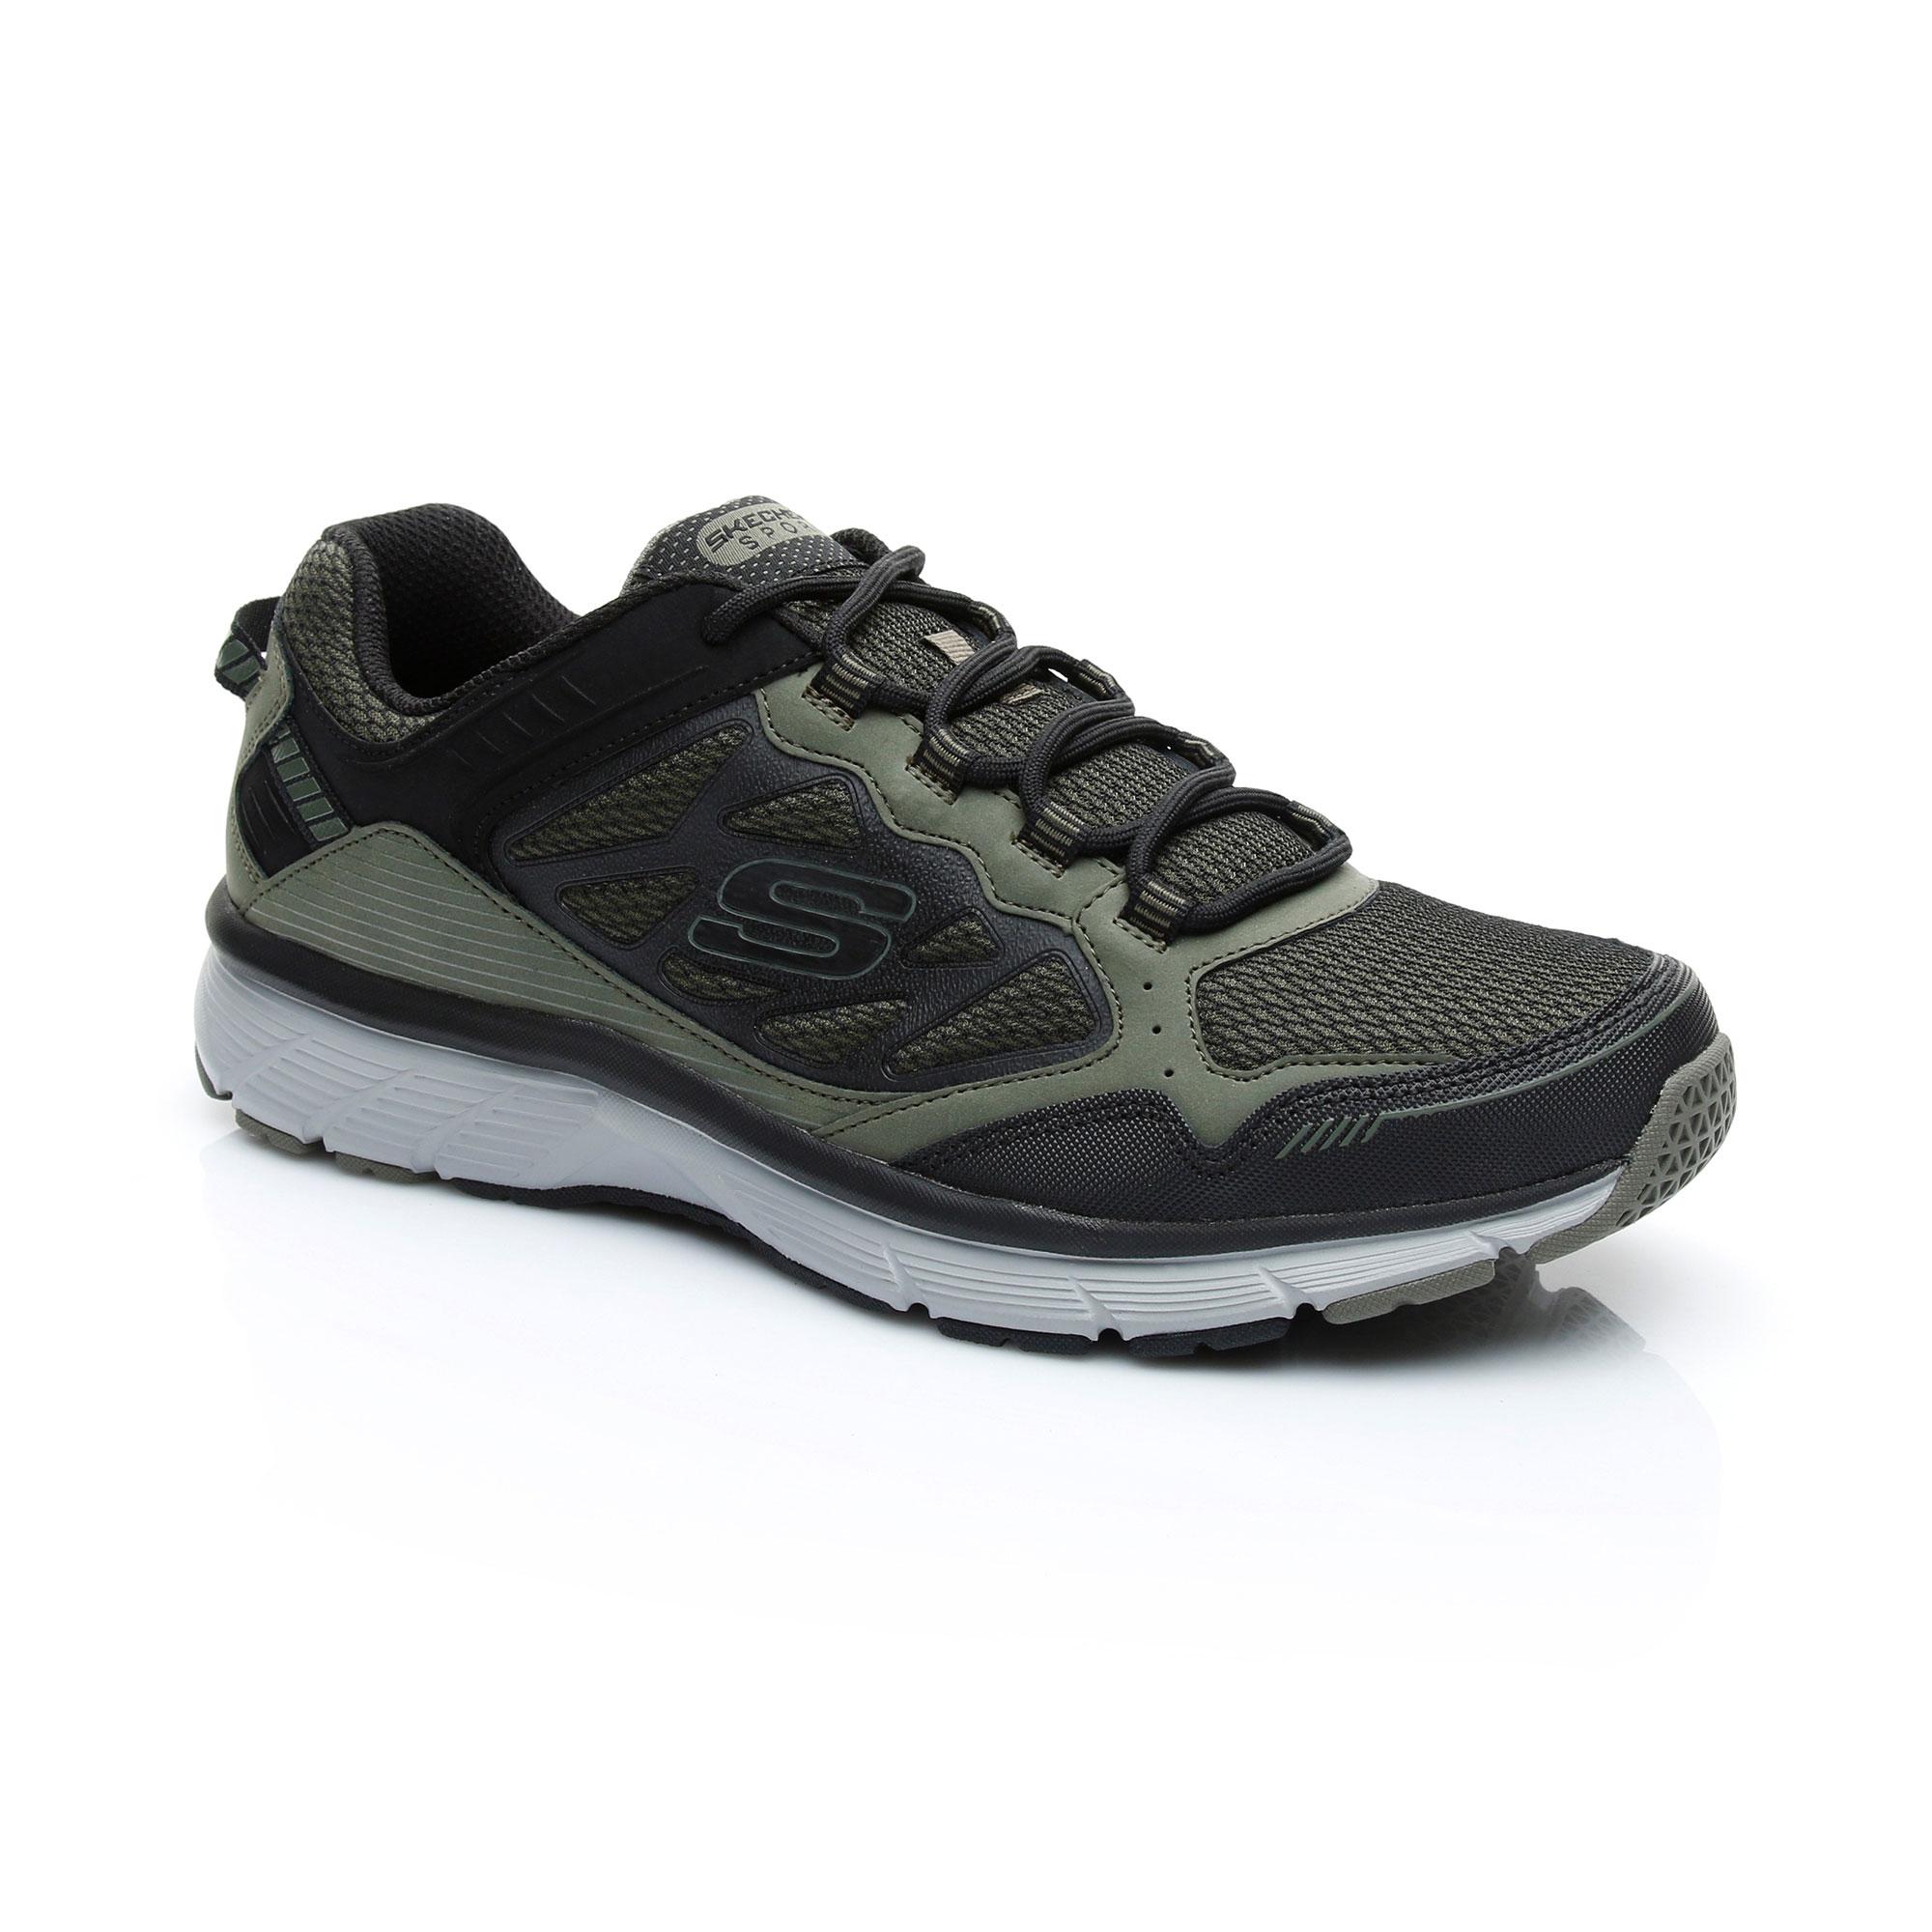 Skechers Bowerz Erkek Yeşil Spor Ayakkabı